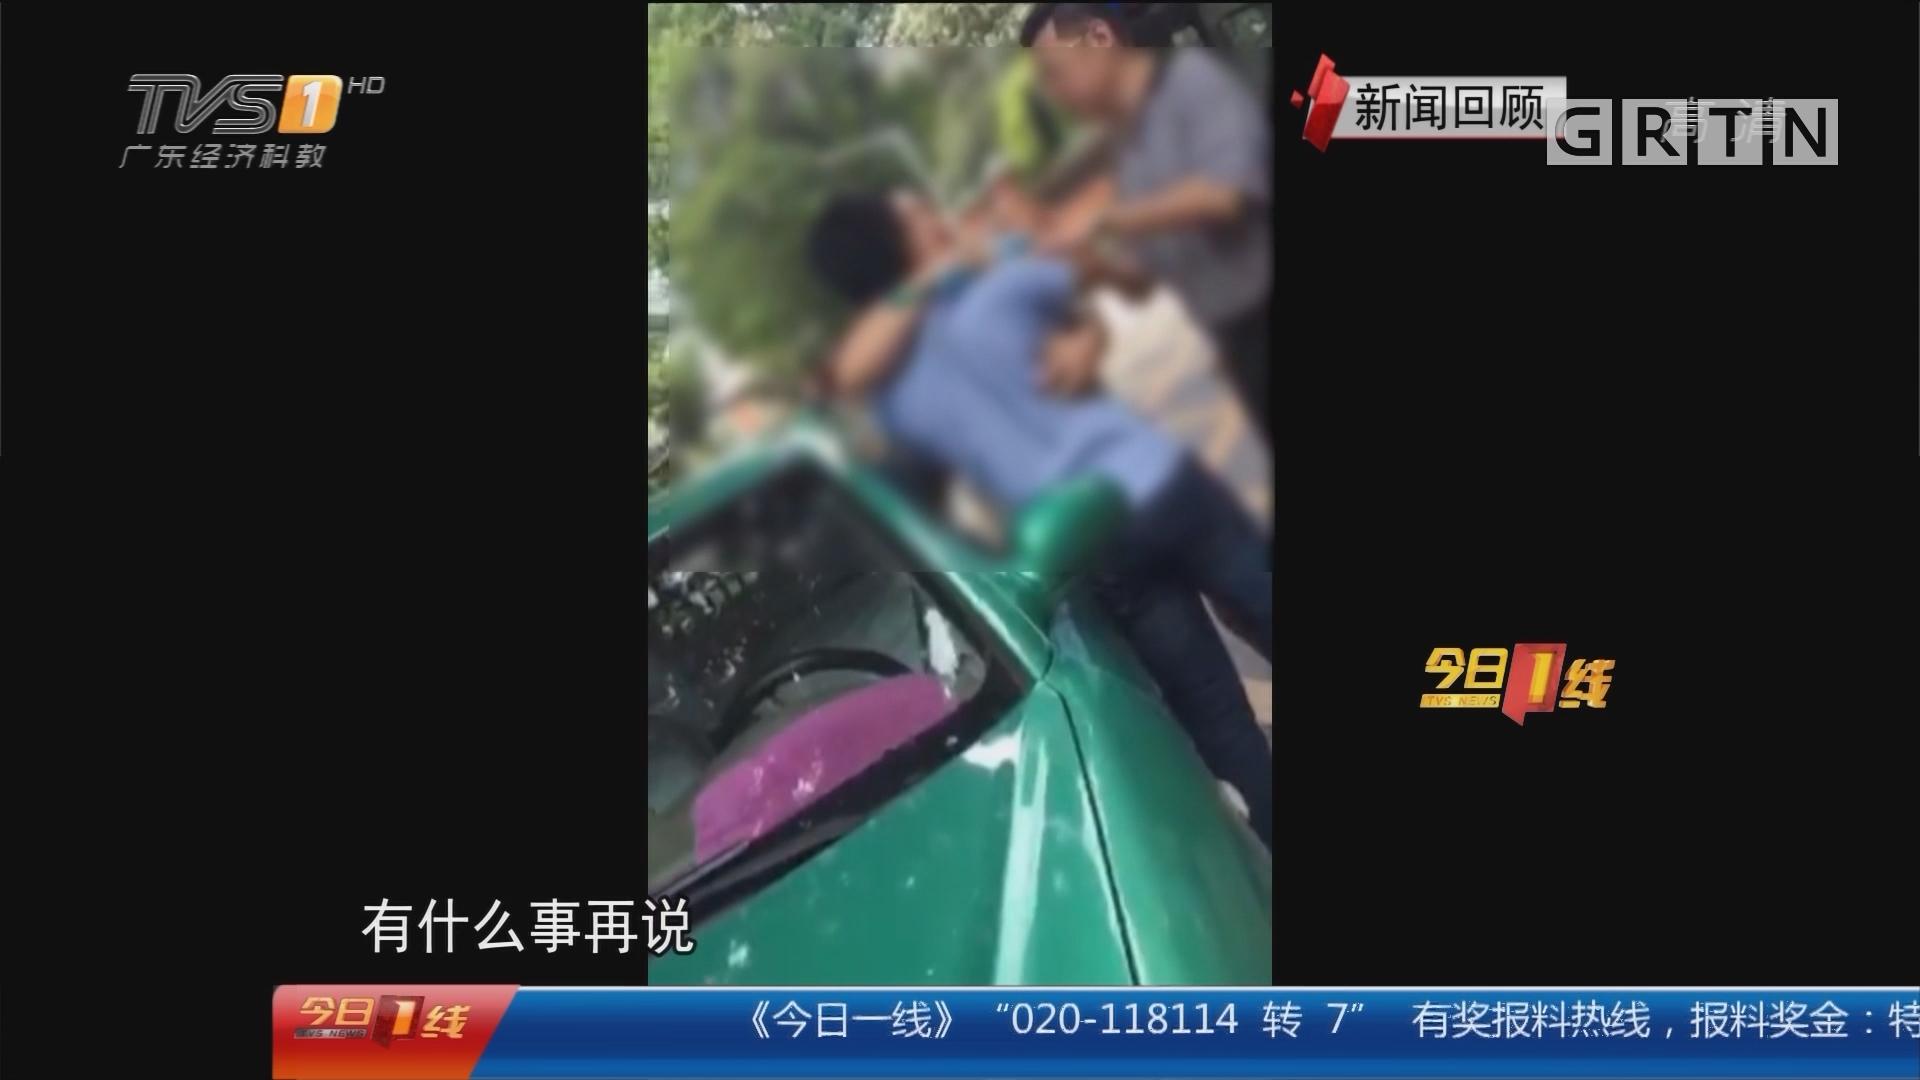 广州警方通报:的哥殴打乘客 两天后落网